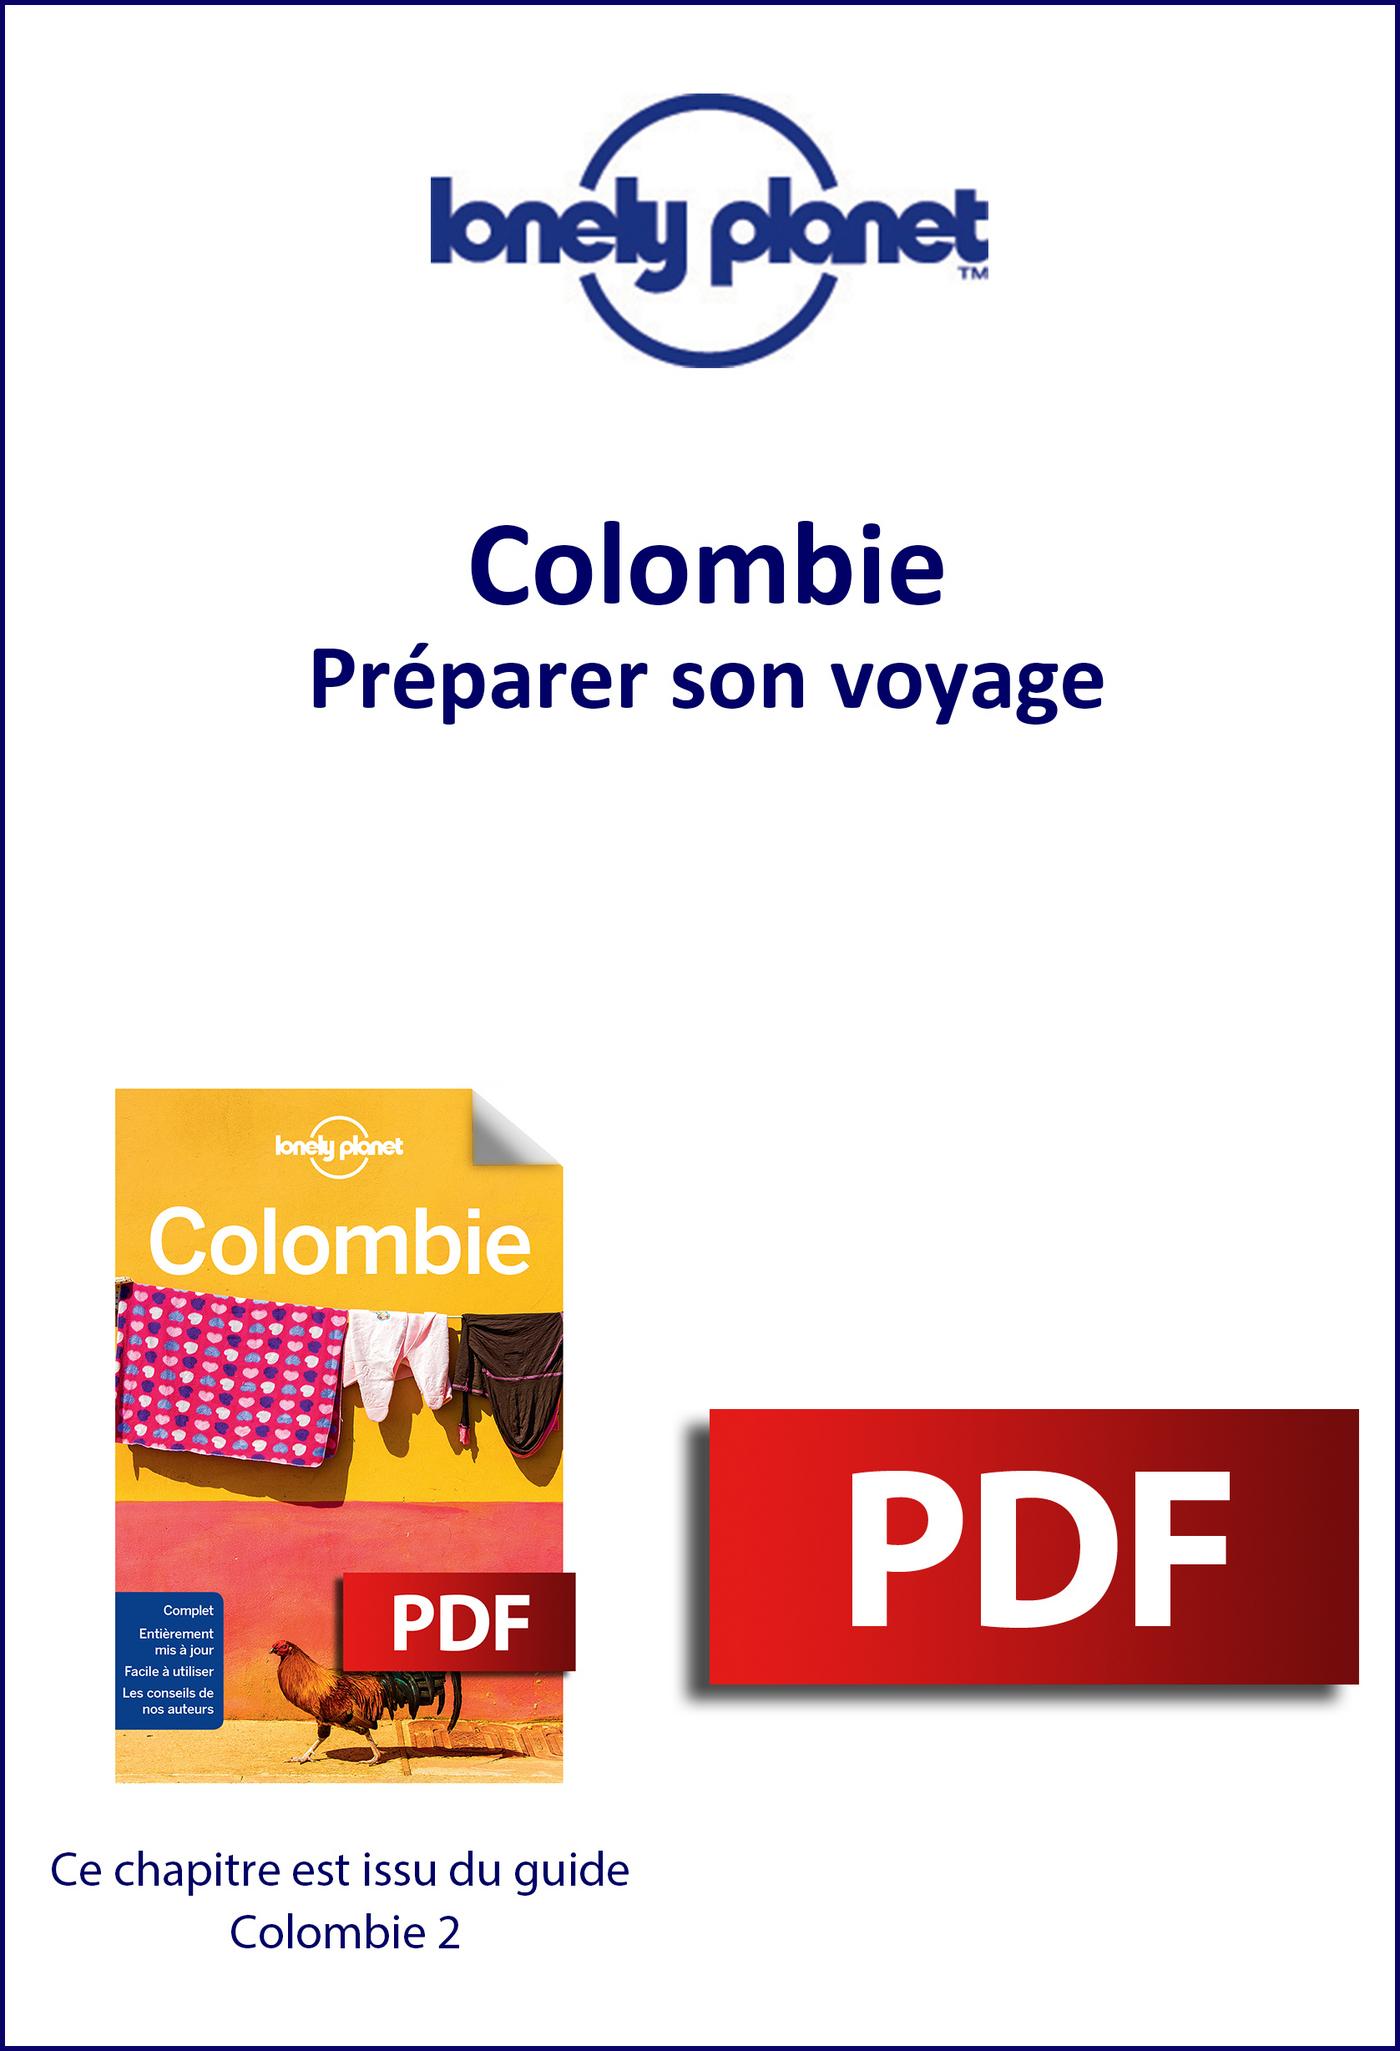 Colombie - Préparer son voyage